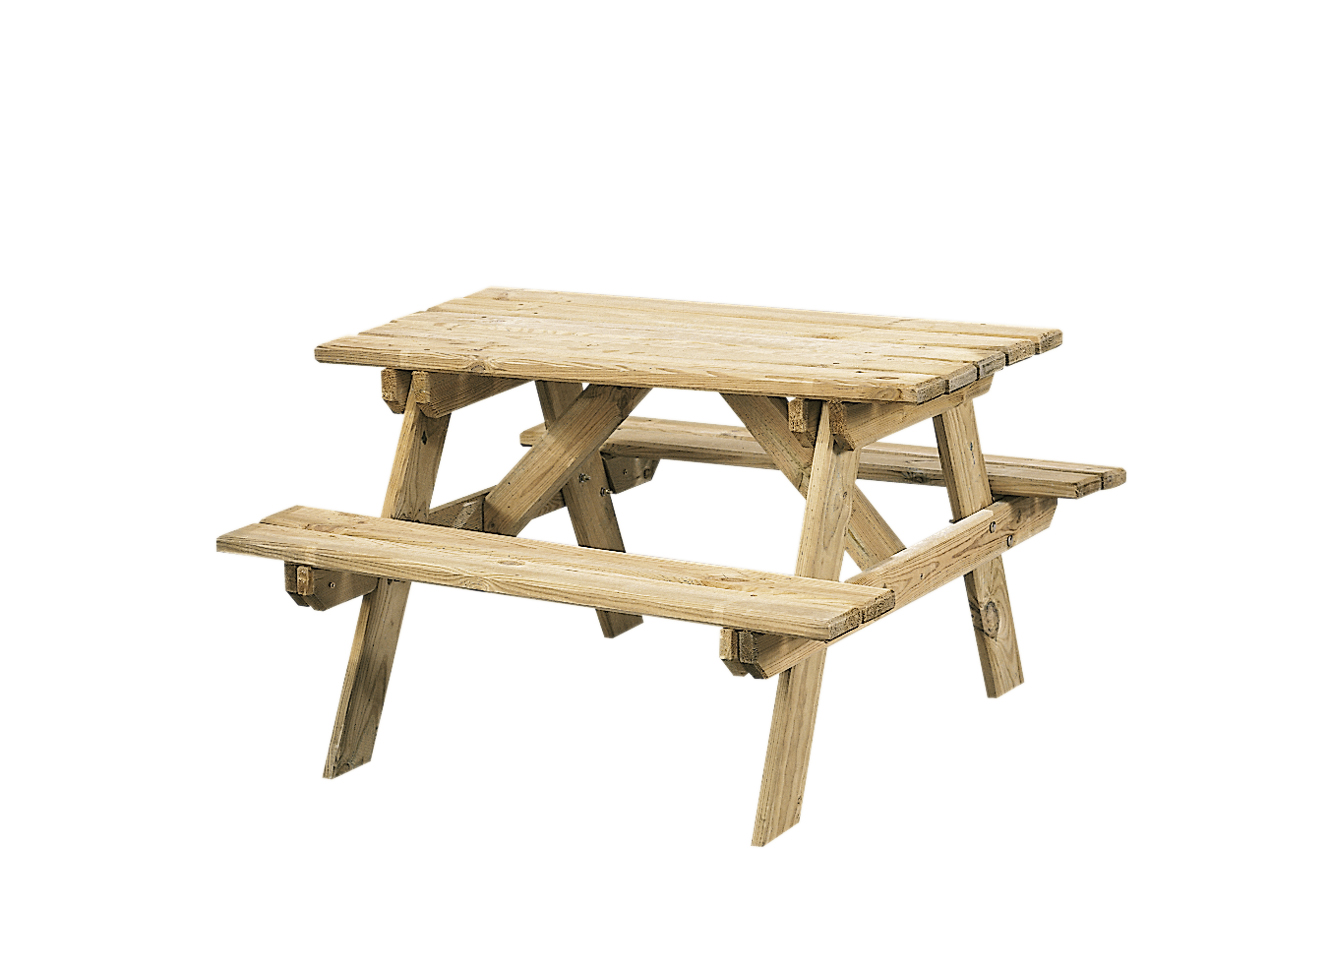 SenS-Line Kinderpicknicktafel, bladmaat 90 x 38 cm, geimpregneerd grenen, houtdikte 30 mm